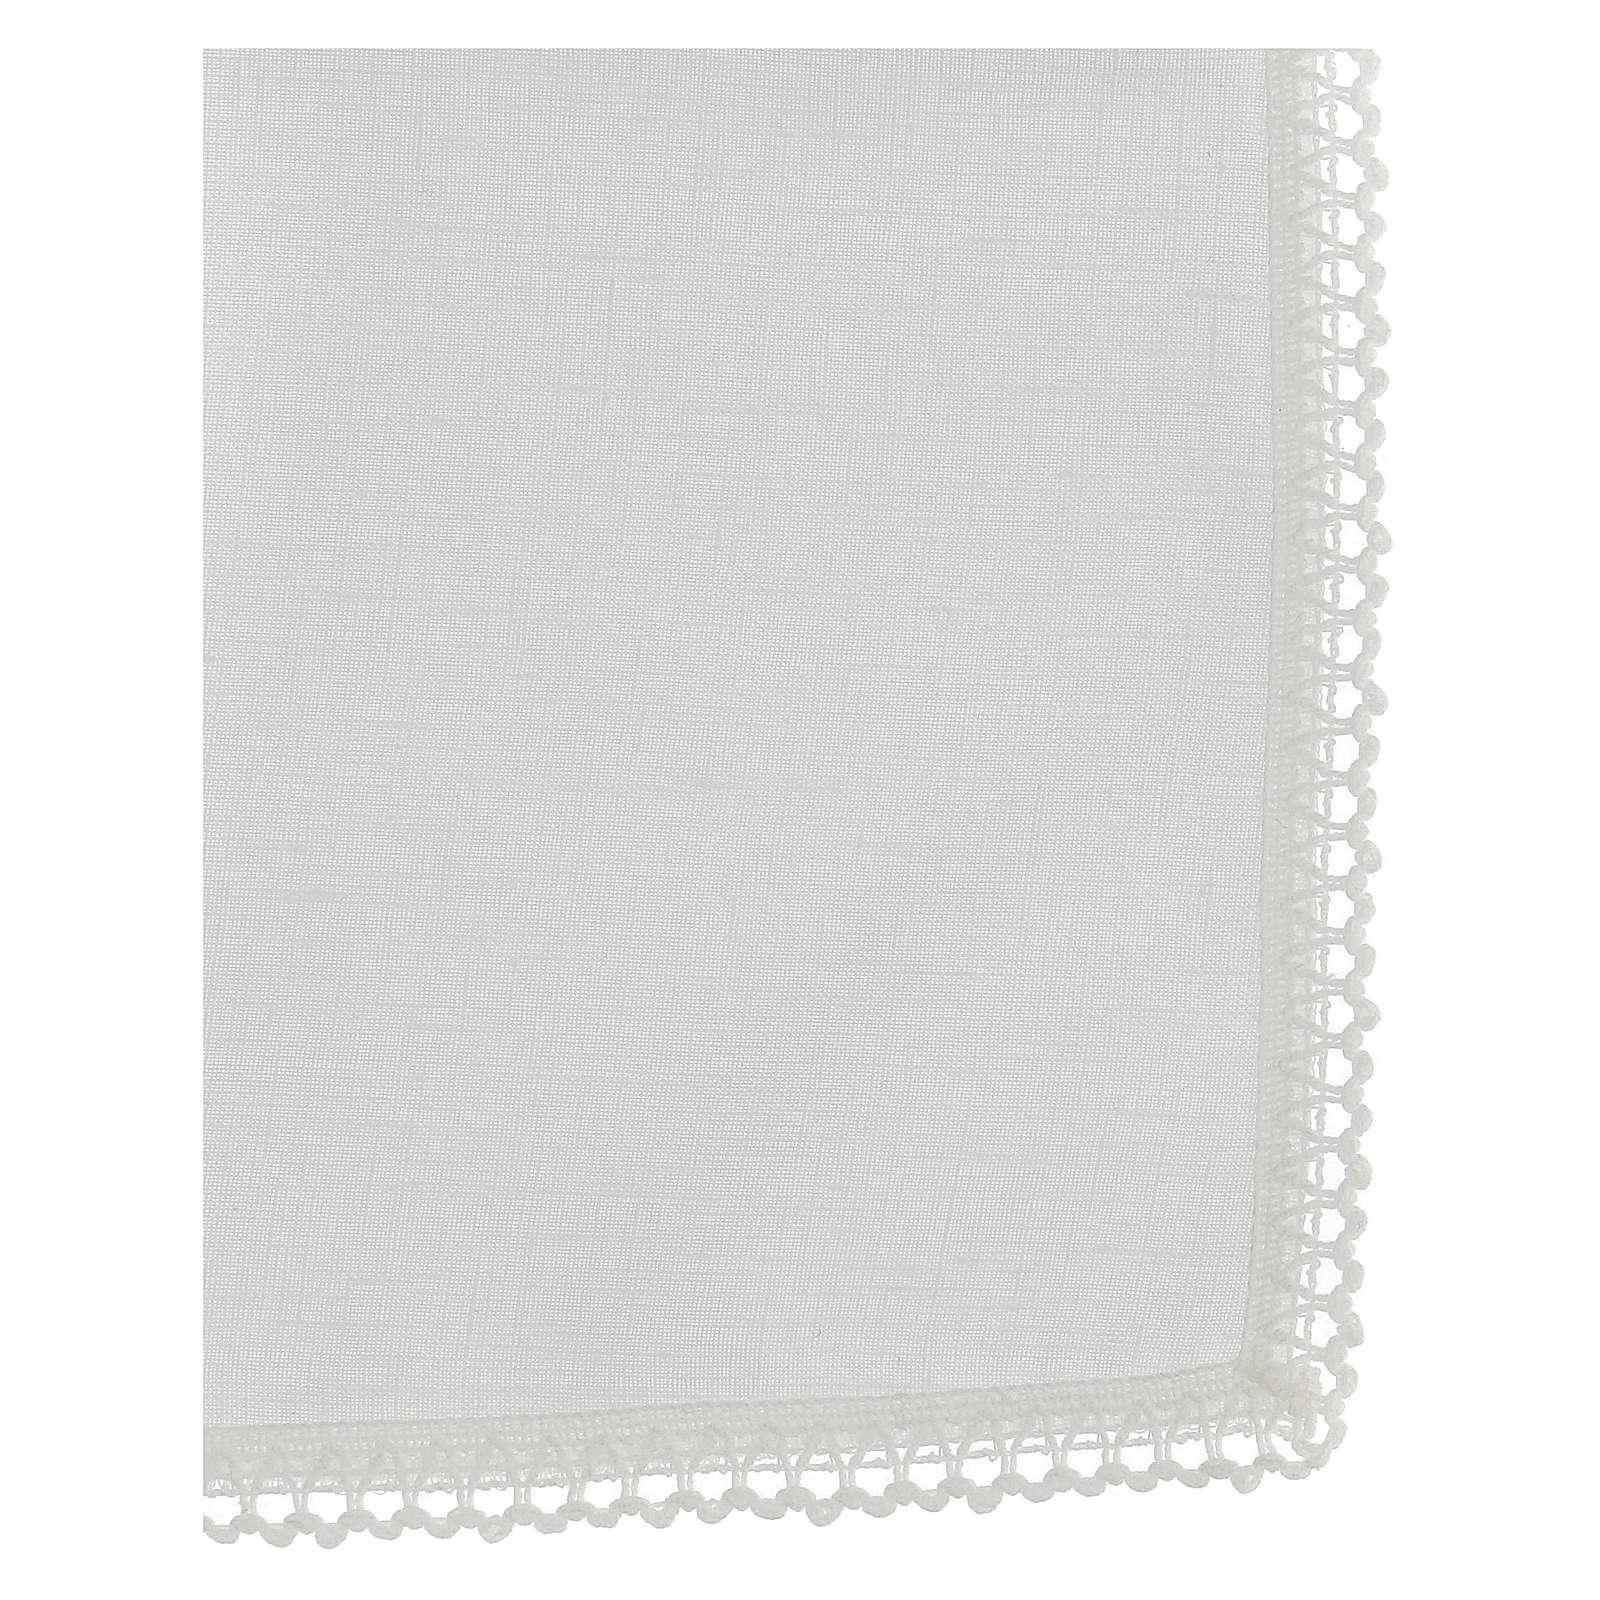 Corporale bianco 100% lino con ricami bianchi 4